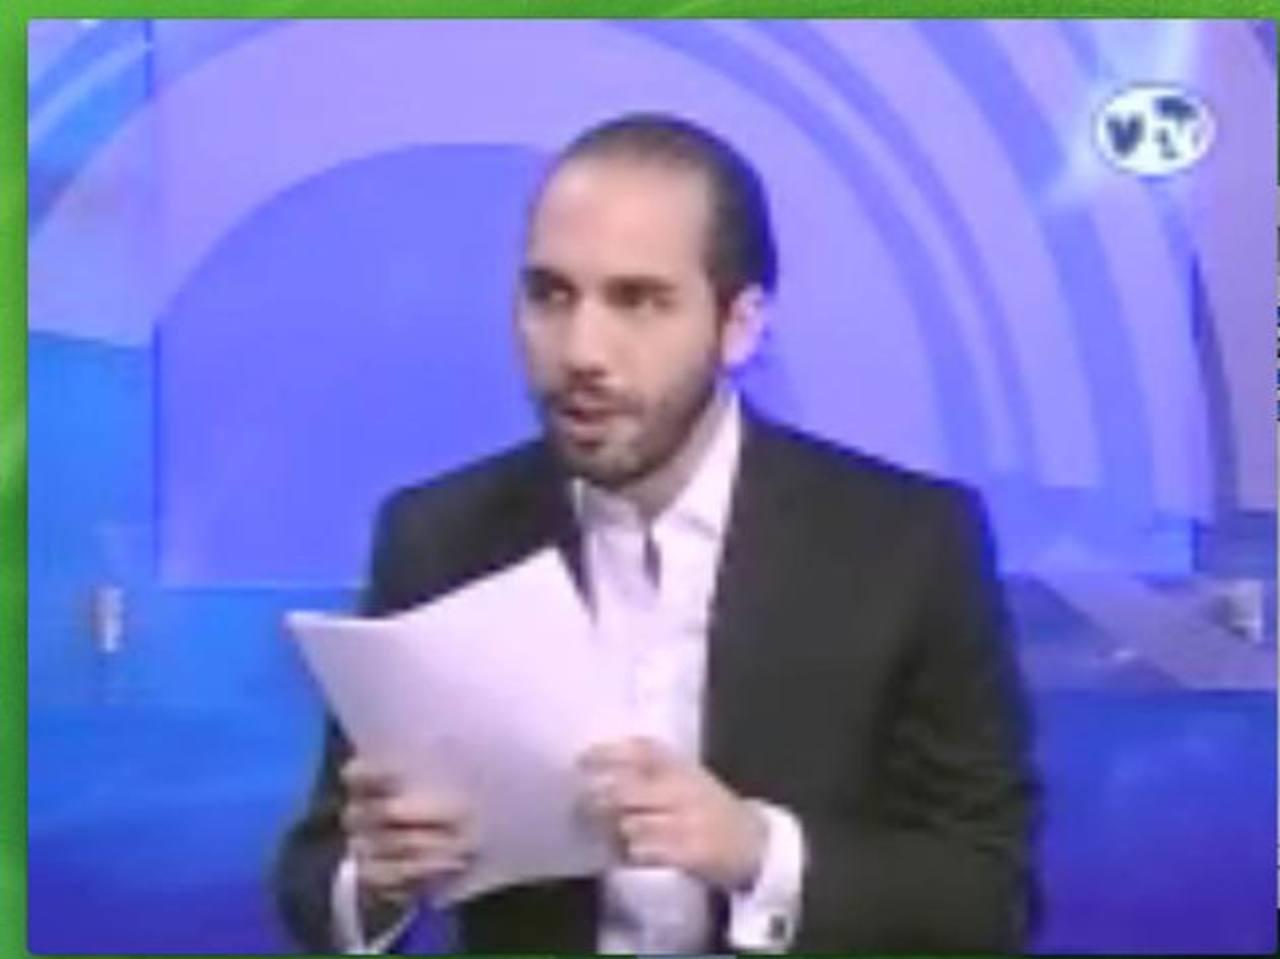 El edil acusó al presidente de la autónoma de malversar 200 mil dólares. Imagen tomada de entrevista de canal vtv